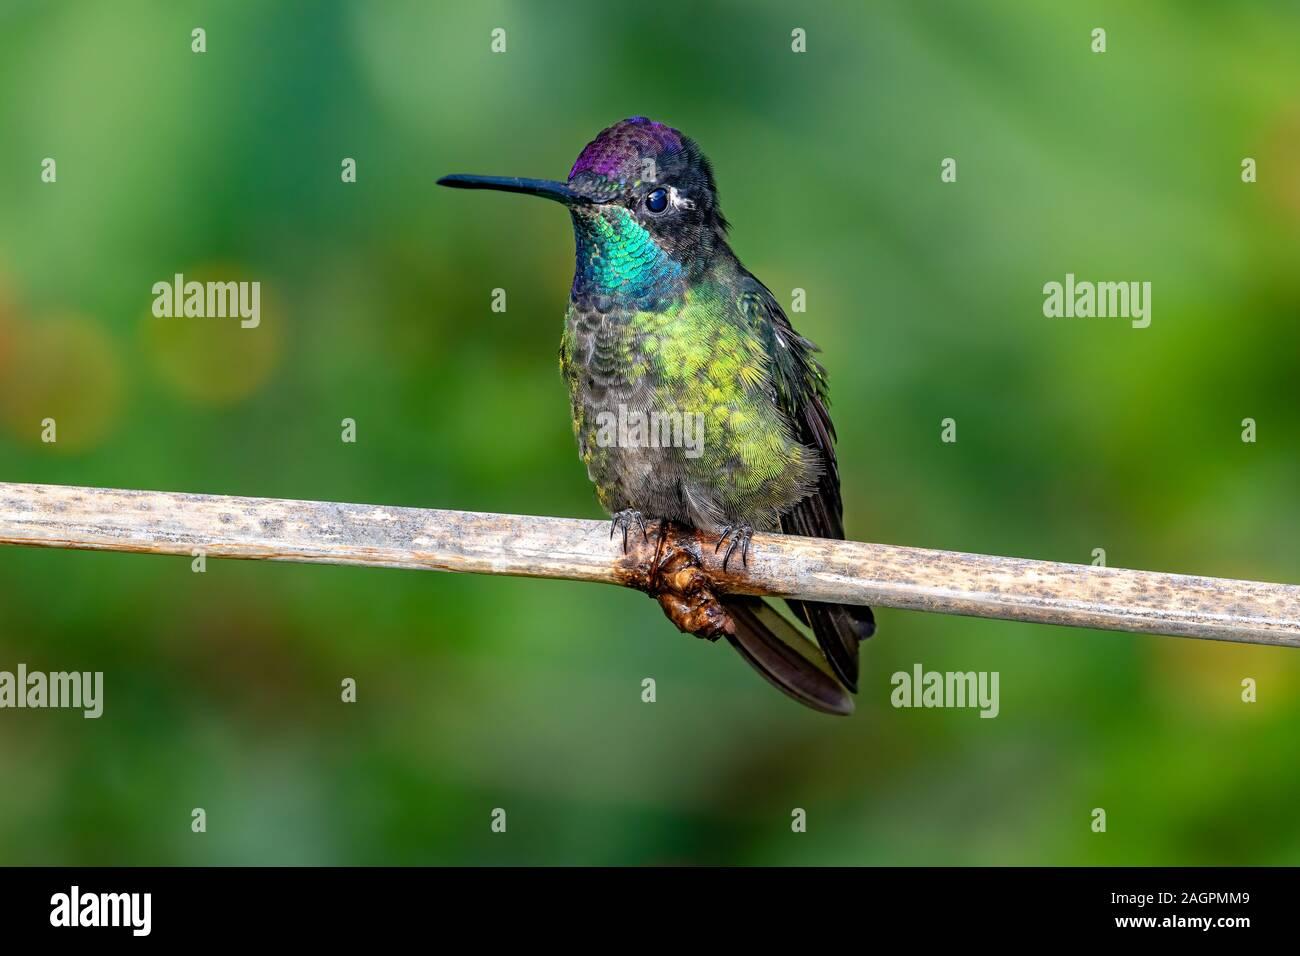 Los Talamanca hummingbird o colibrí magnífico (Eugenes spectabilis) es un colibrí grande sólo se encuentra en Costa Rica y partes de Panamá. Foto de stock